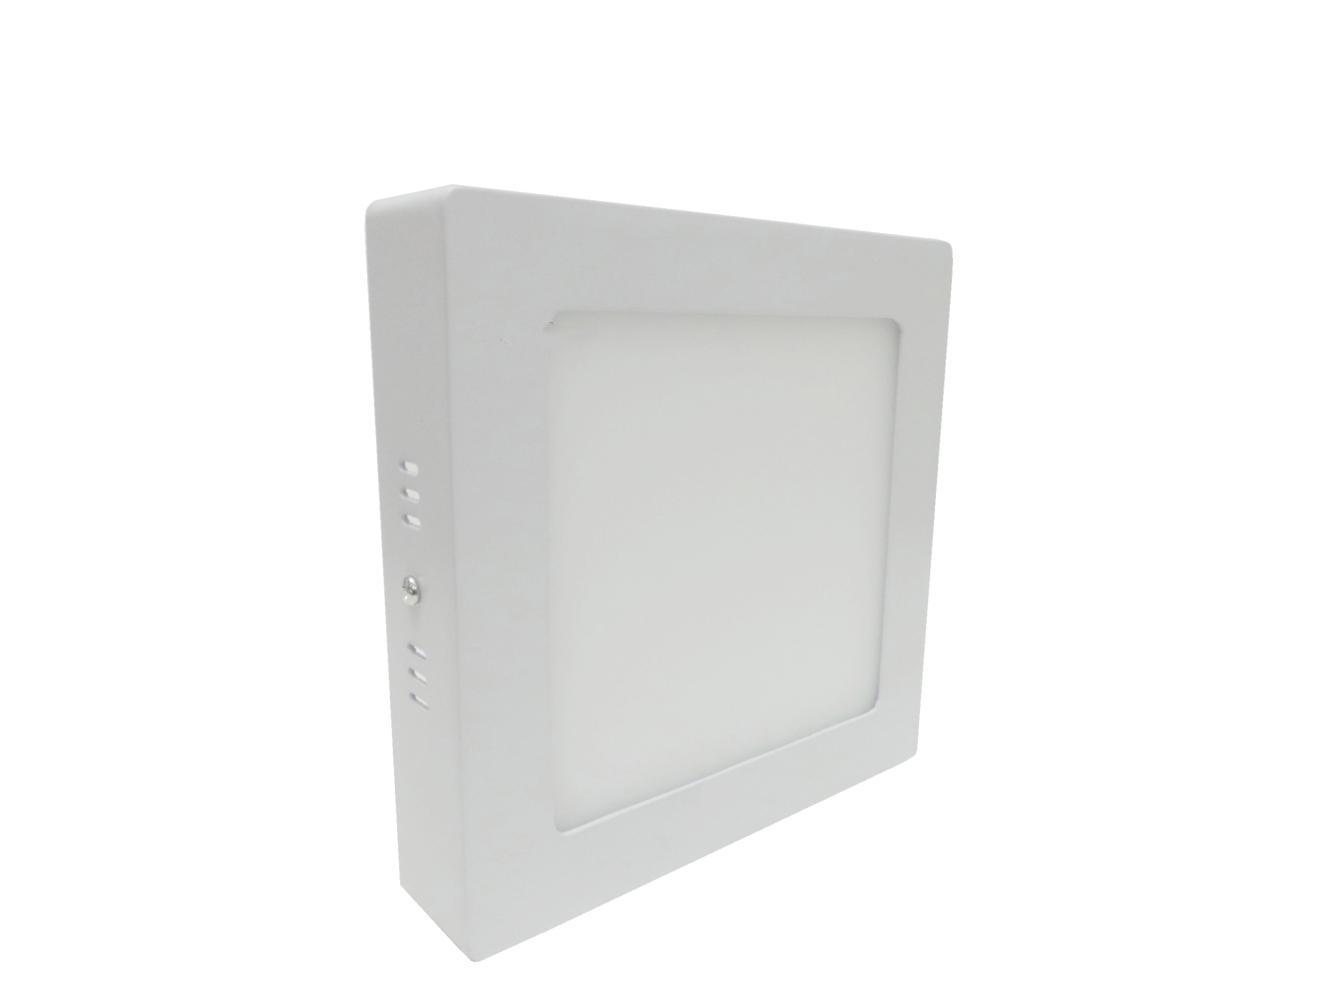 Plafoniera Quadrata Led Soffitto : Pl w)plafoniera led quadrata w da soffitto parete con